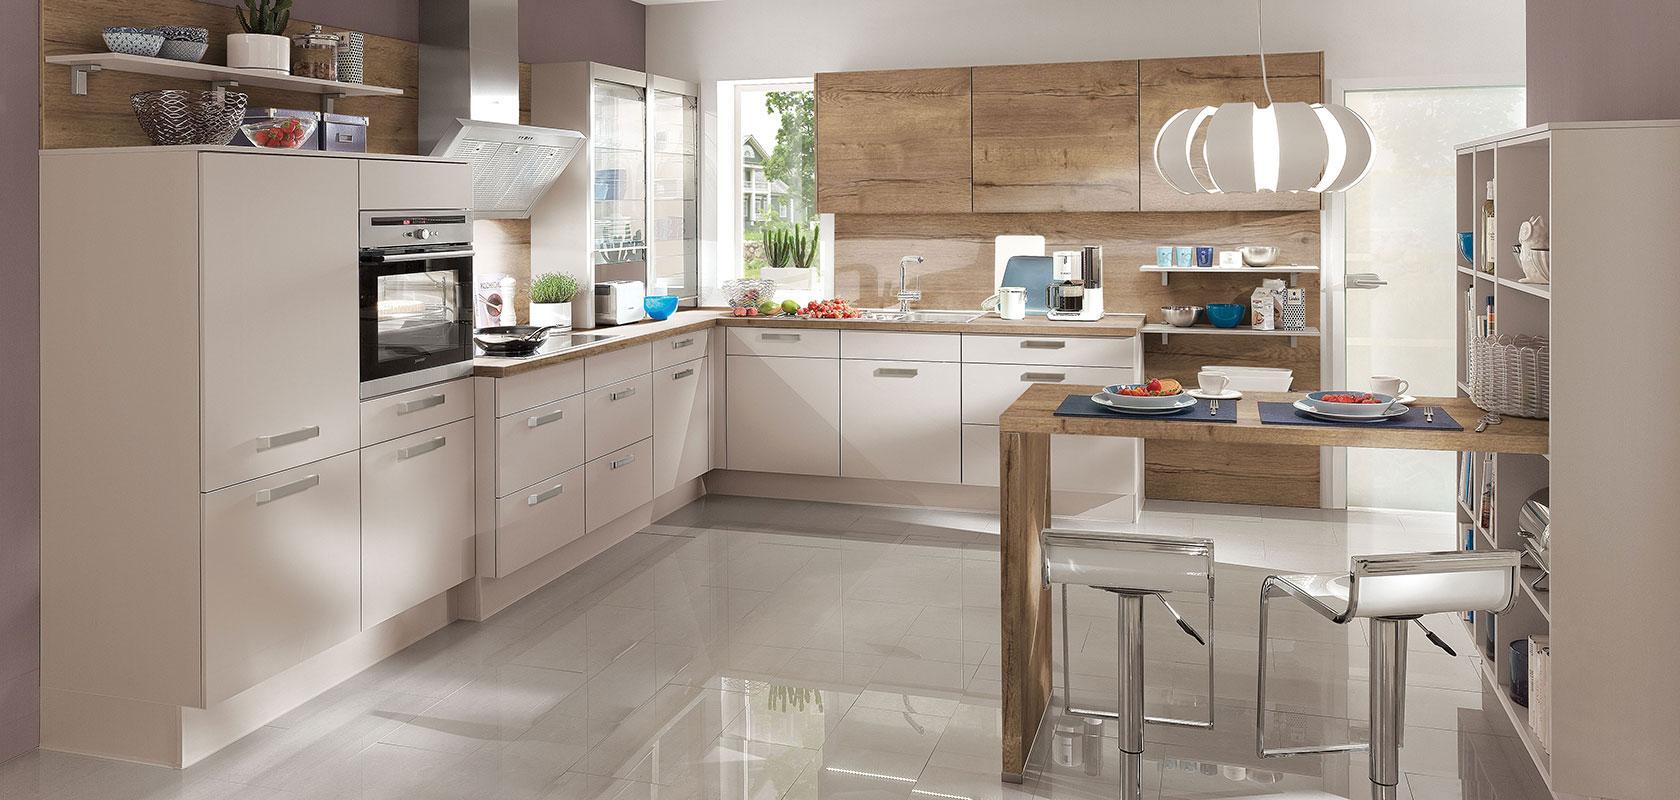 Moderne Küche mit Küchenfußboden aus glänzenden Fliesen